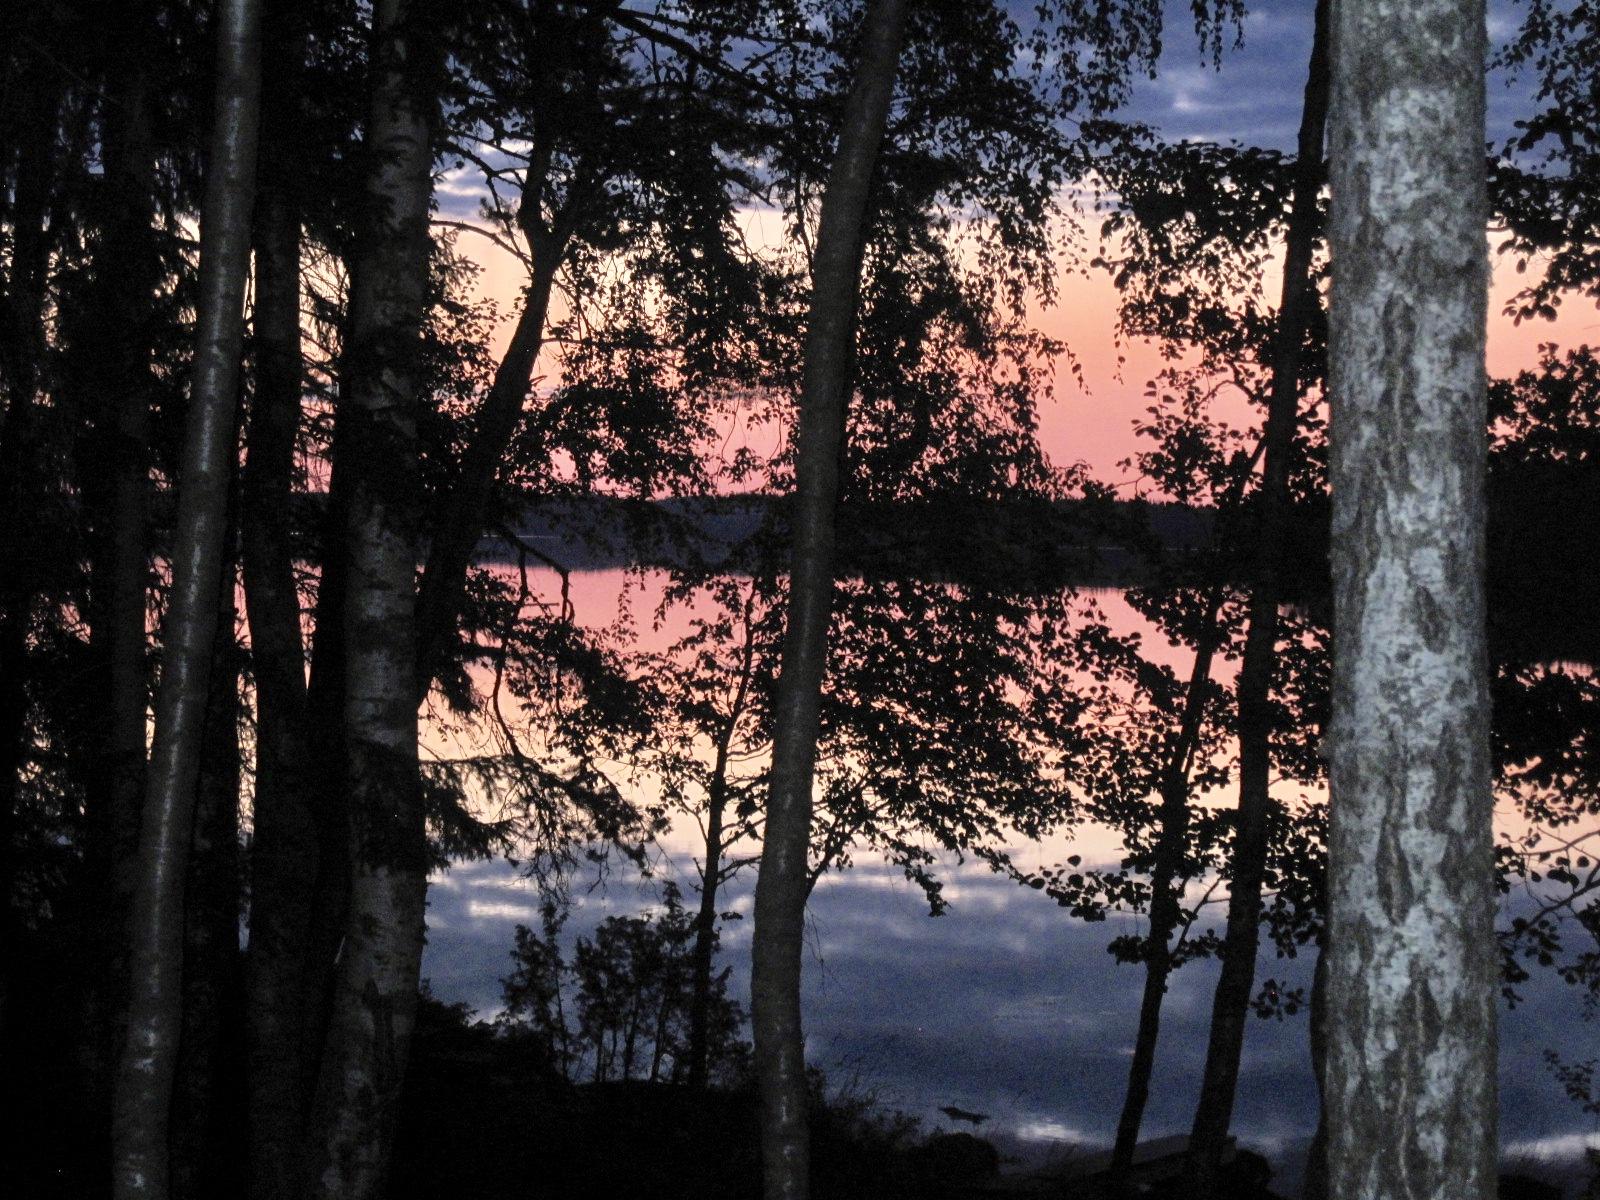 Auringonlasku järvellä puiden takaa kuvattuna.